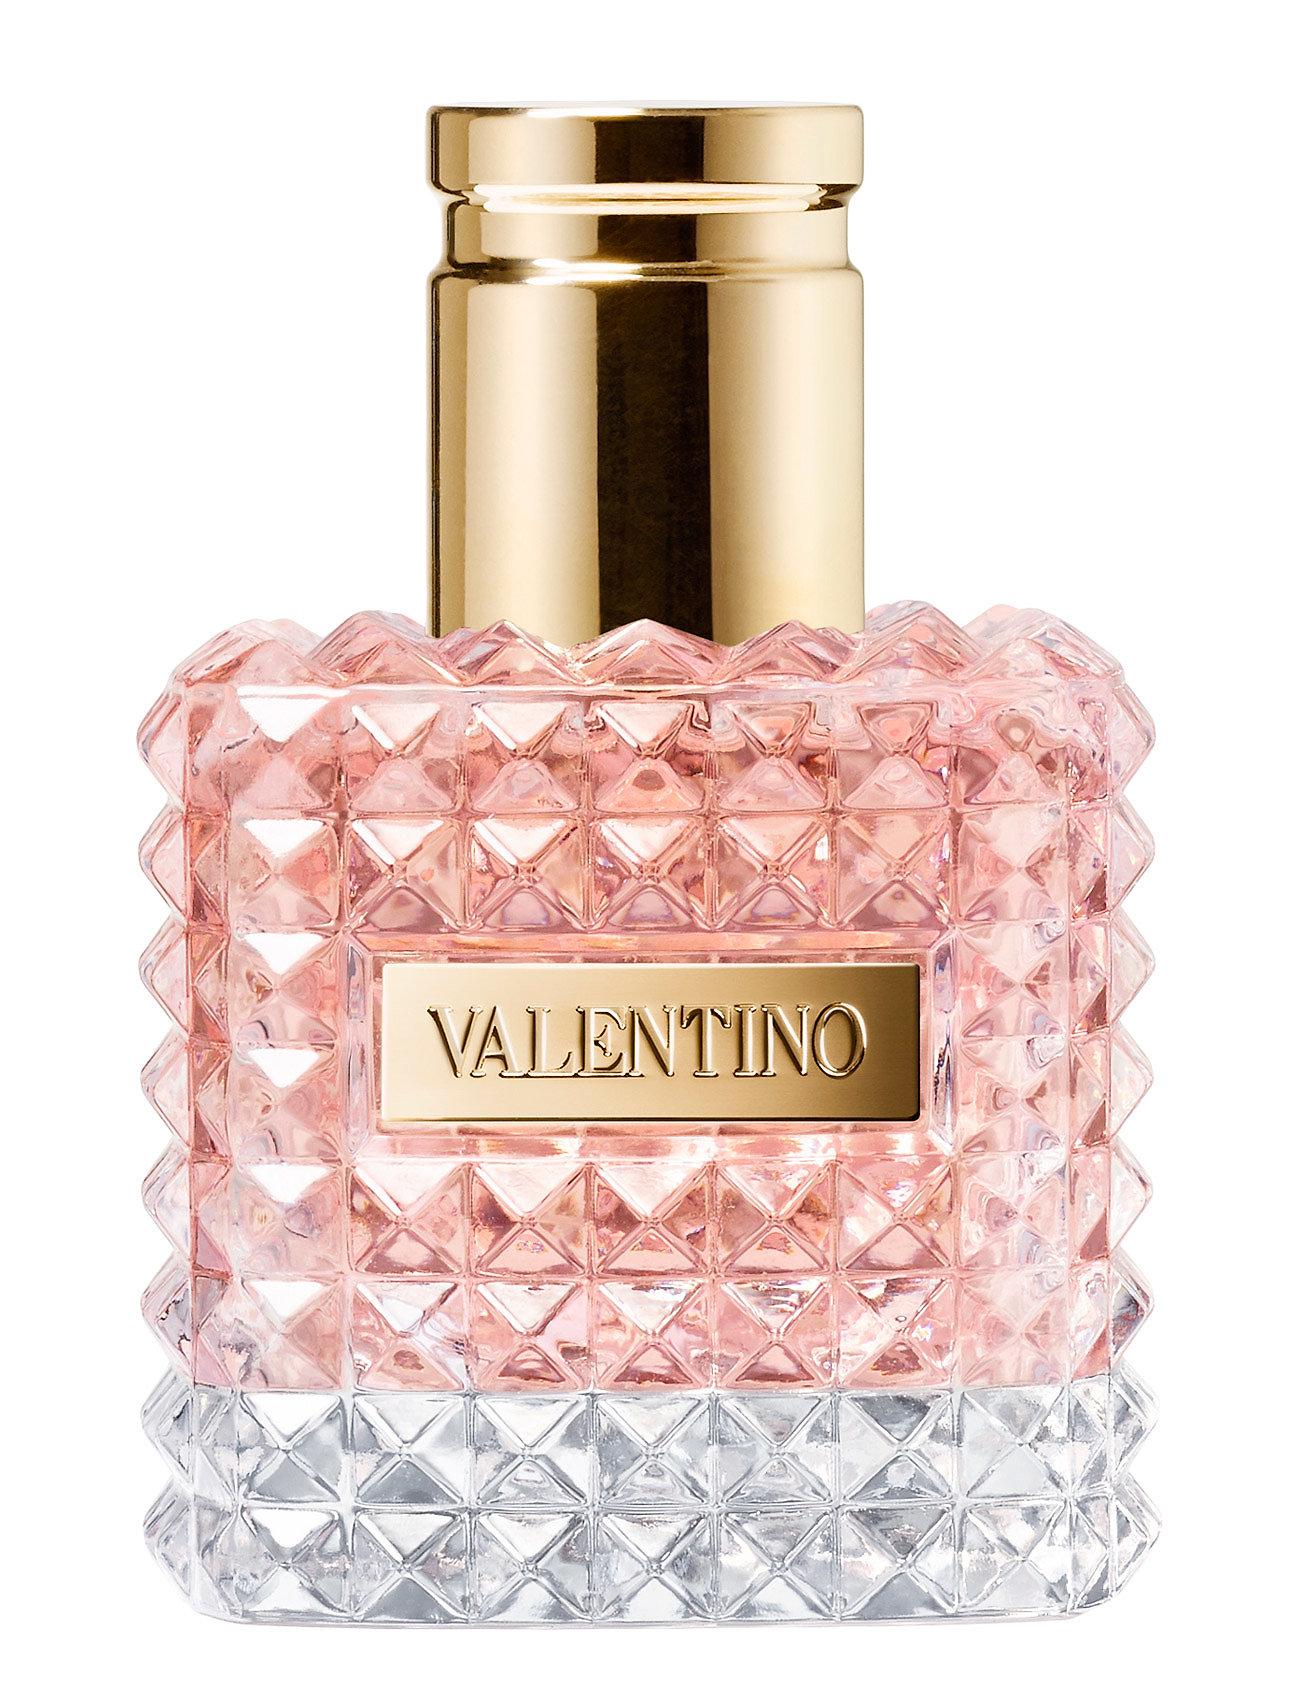 Valentino donna eau de parfum fra valentino fragrance fra boozt.com dk